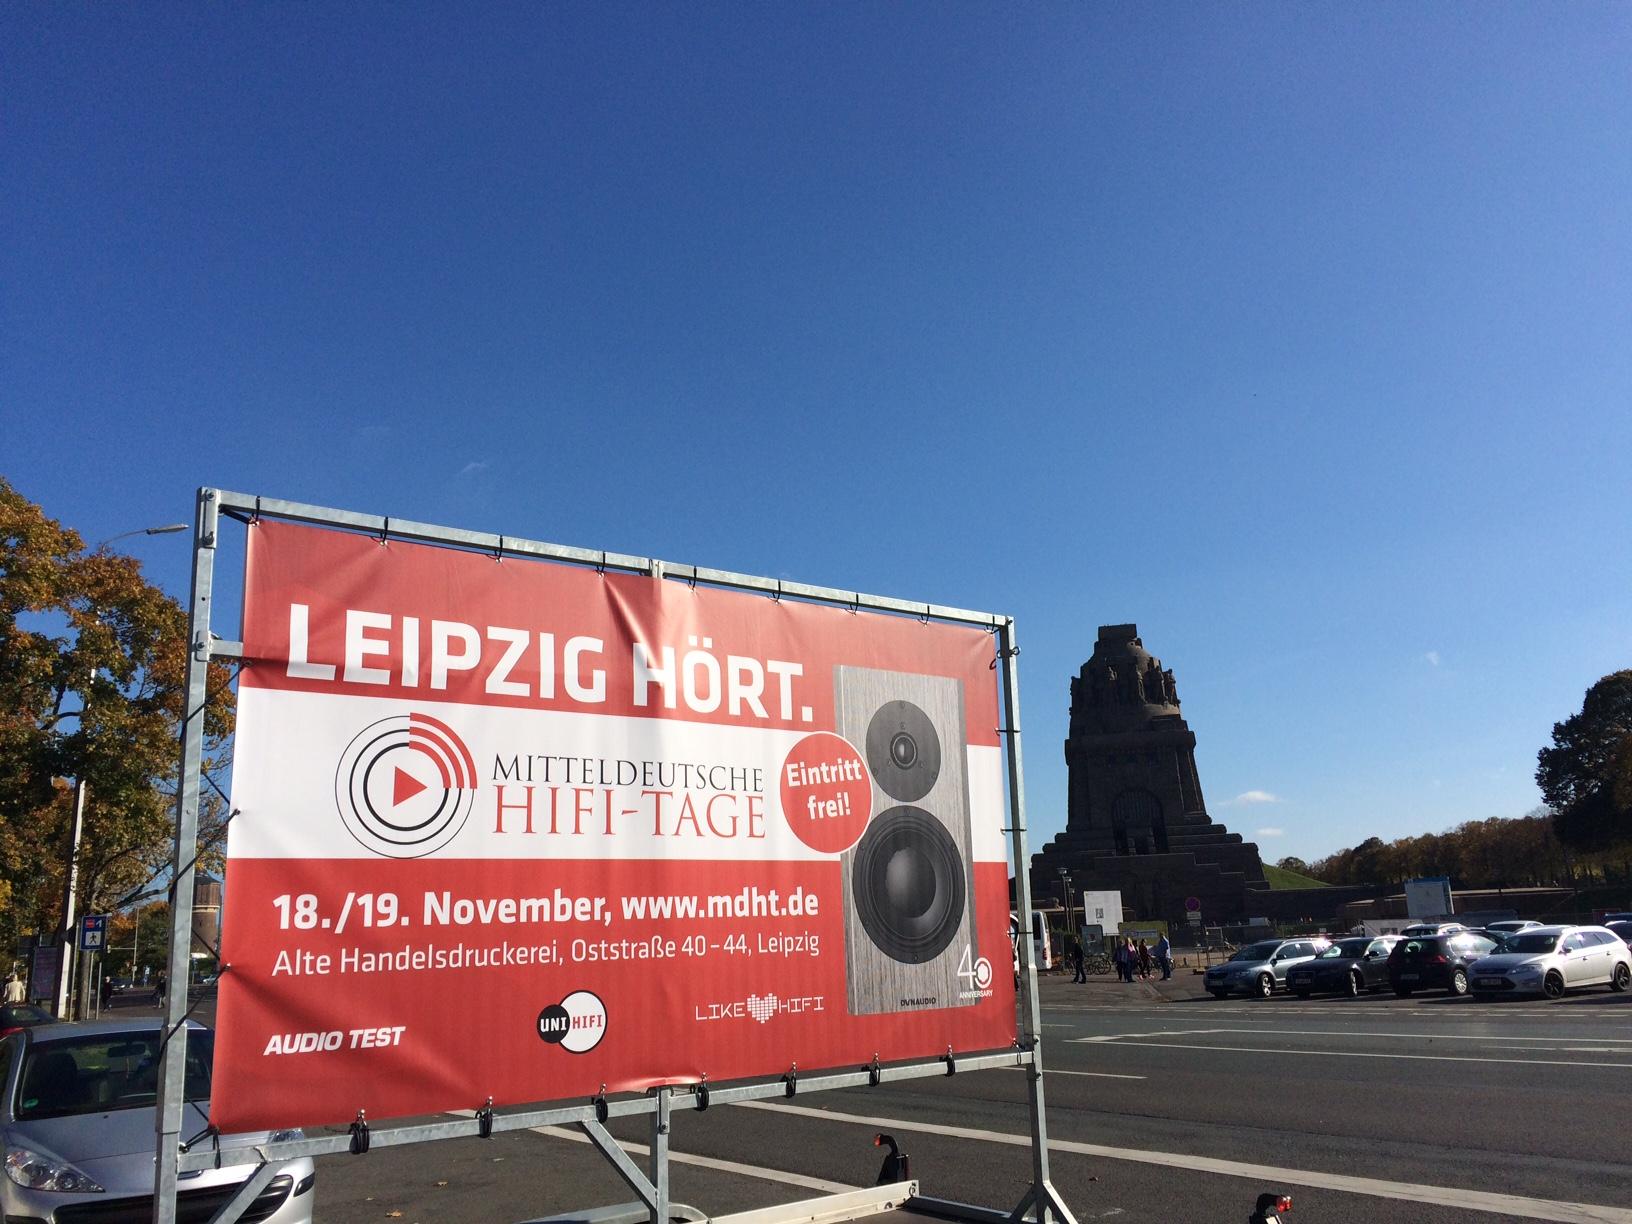 """""""Leipzig hört"""" war das Motto der Mitteldeutschen HiFi-Tage 2017. In der ganzen Stadt sowie in ganz Mitteldeutschland wurde mit Plakaten und Flyern auf die Veranstaltung aufmerksam gemacht."""